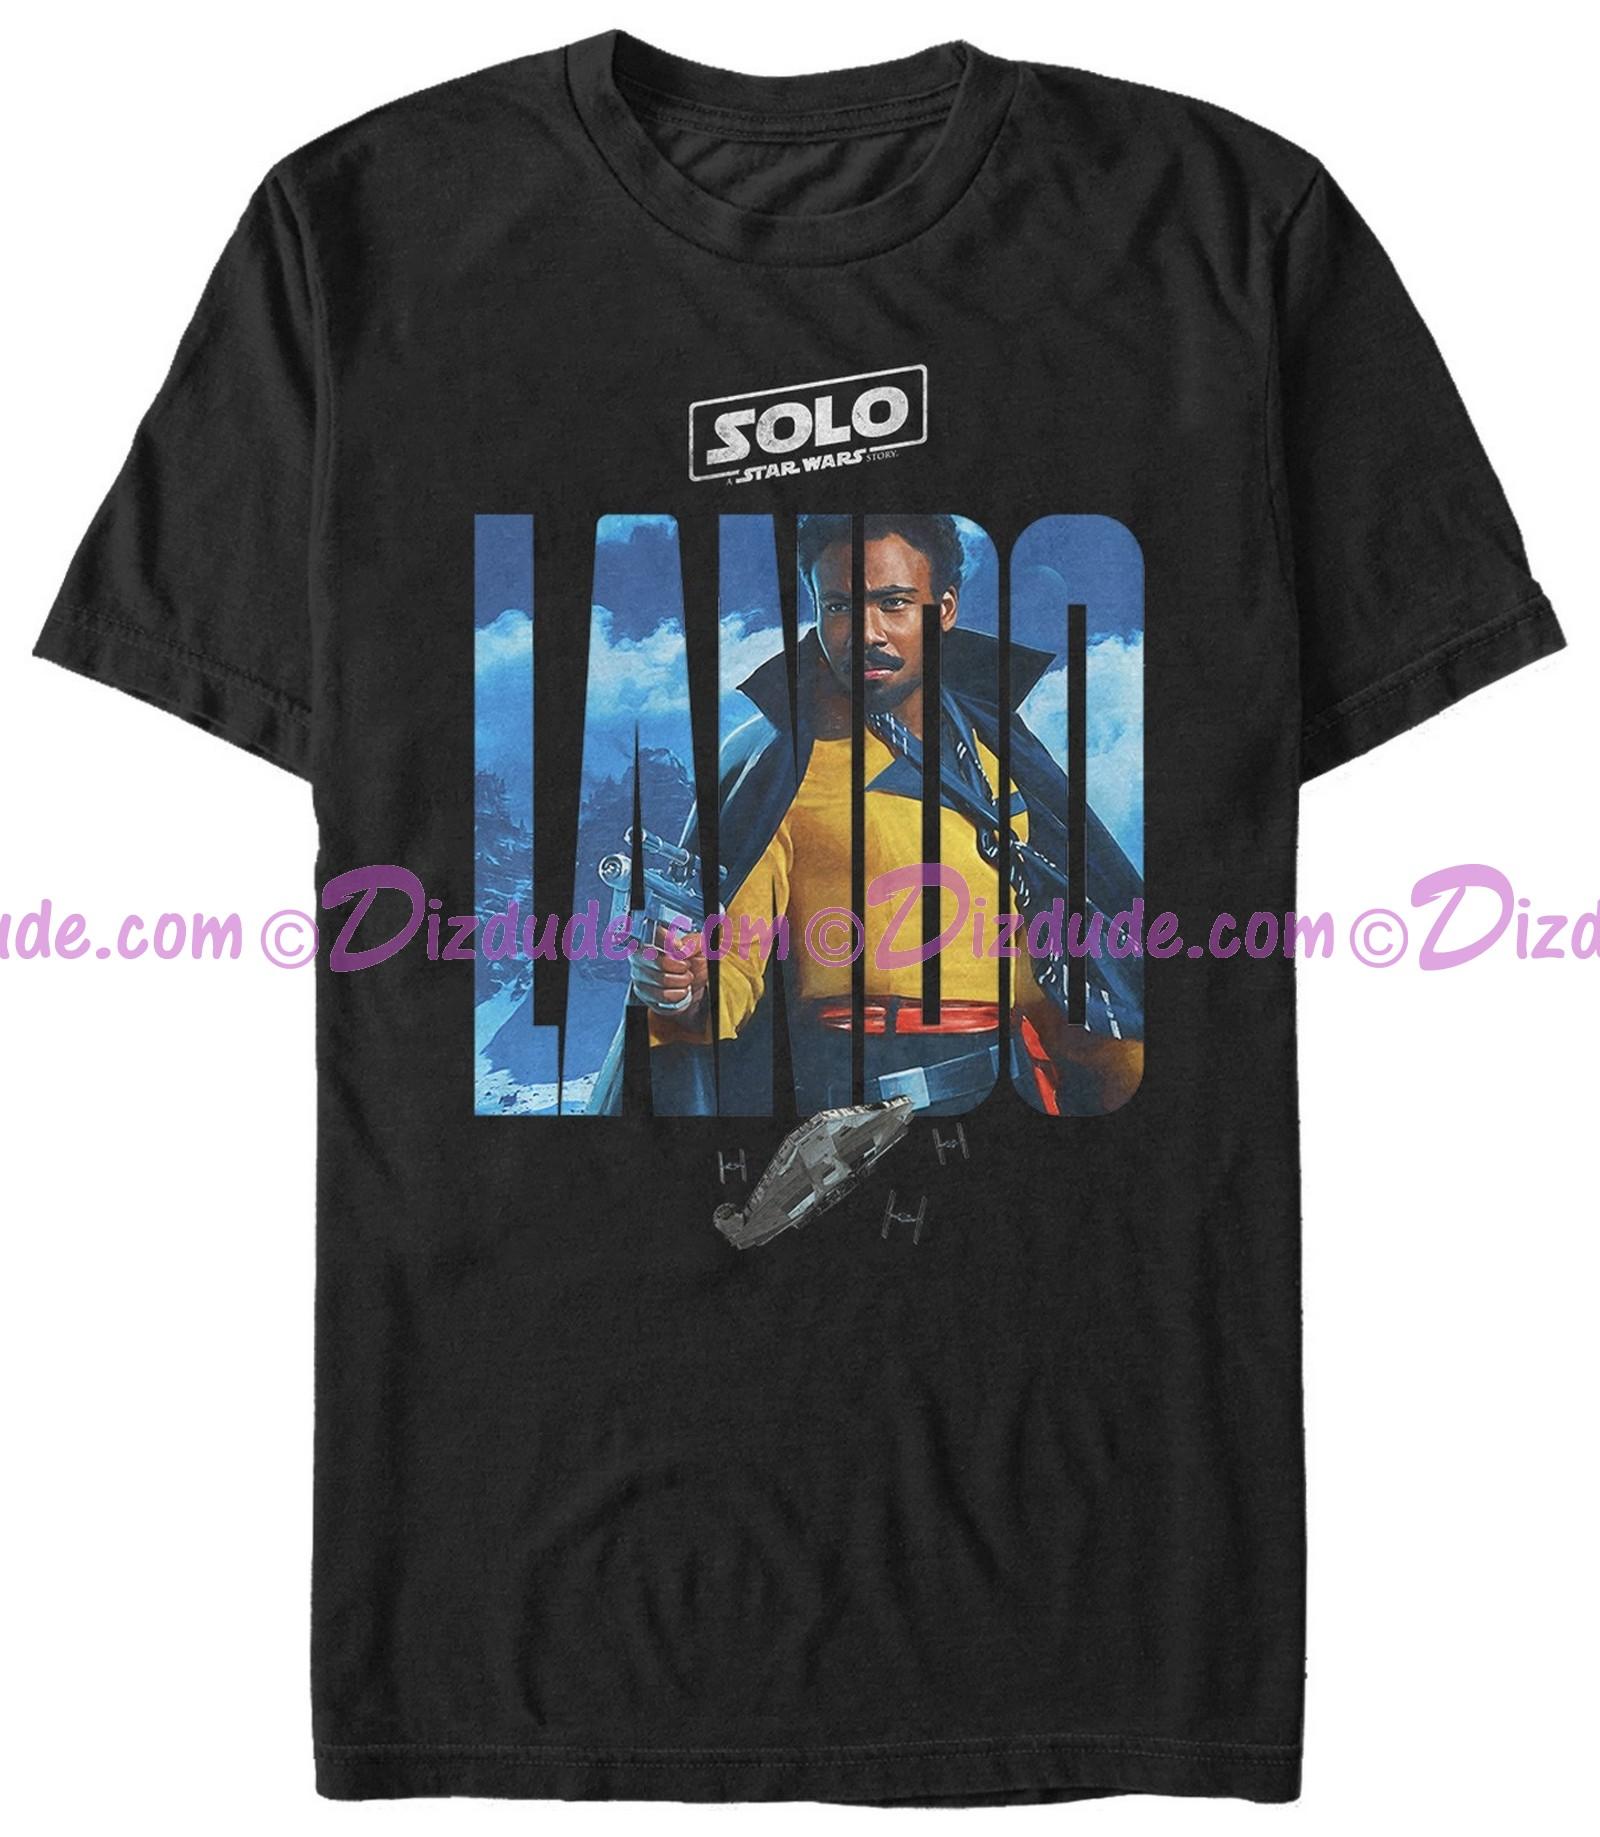 SOLO A Star Wars Story Lando Logo Adult T-Shirt (Tshirt, T shirt or Tee)  © Dizdude.com